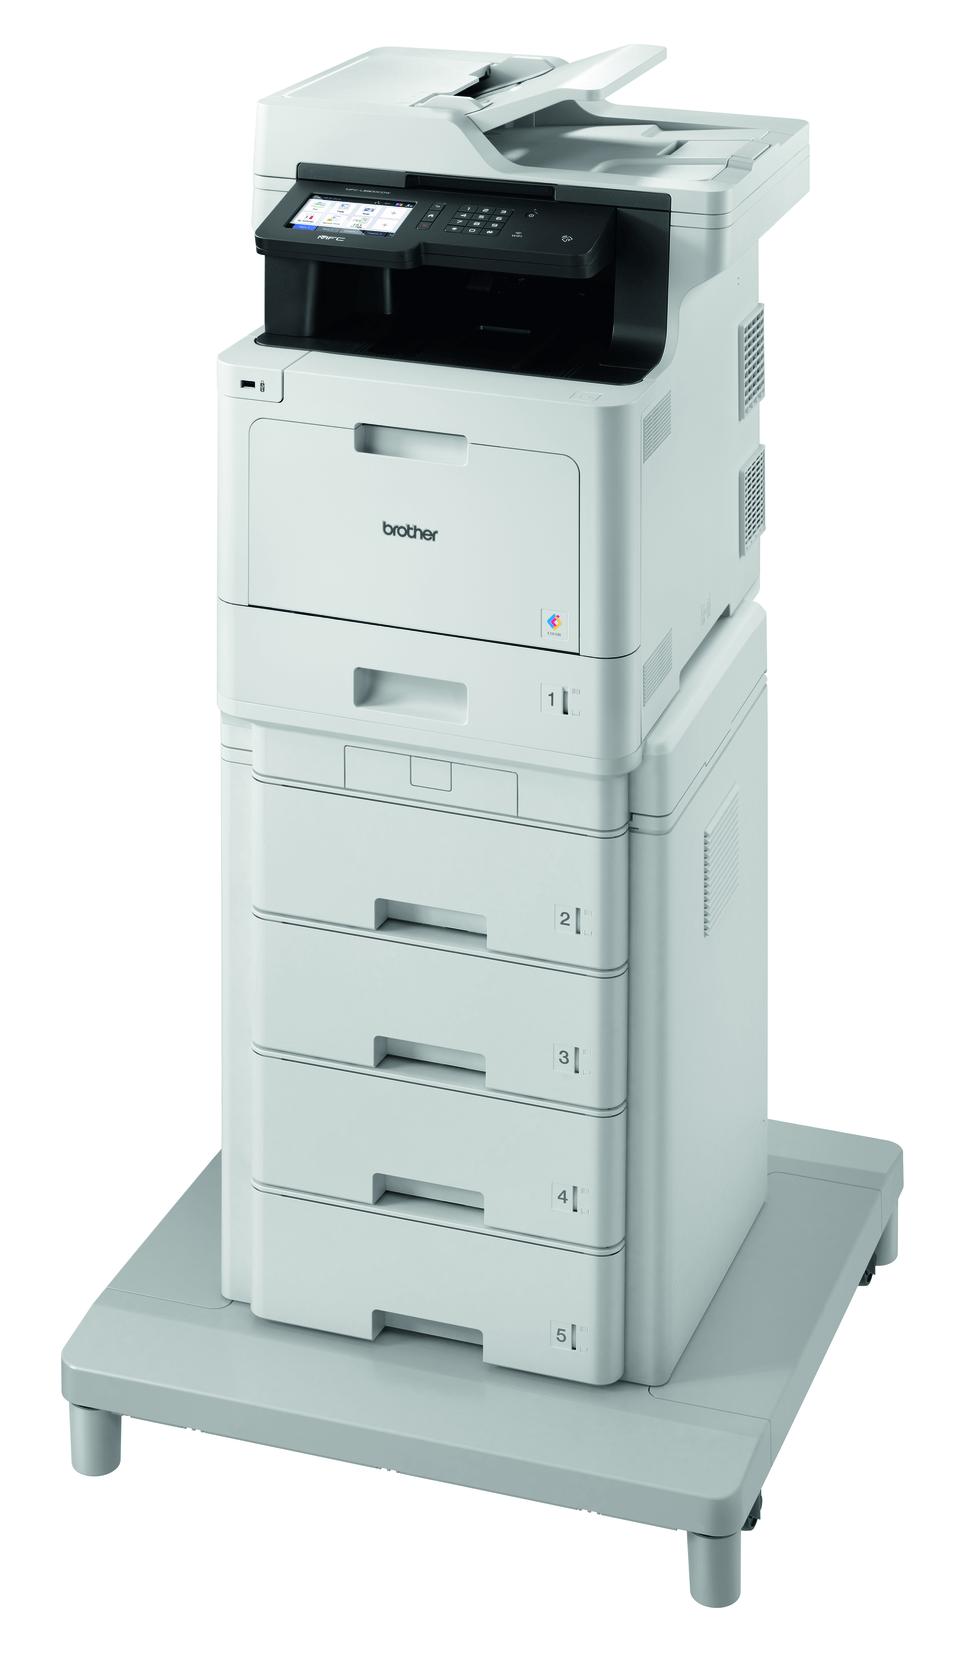 Brother MFC-L8900CDWMT er en professionel alt-i-én laserprinter med dobbeltsidet print og trådløst netkort. 2